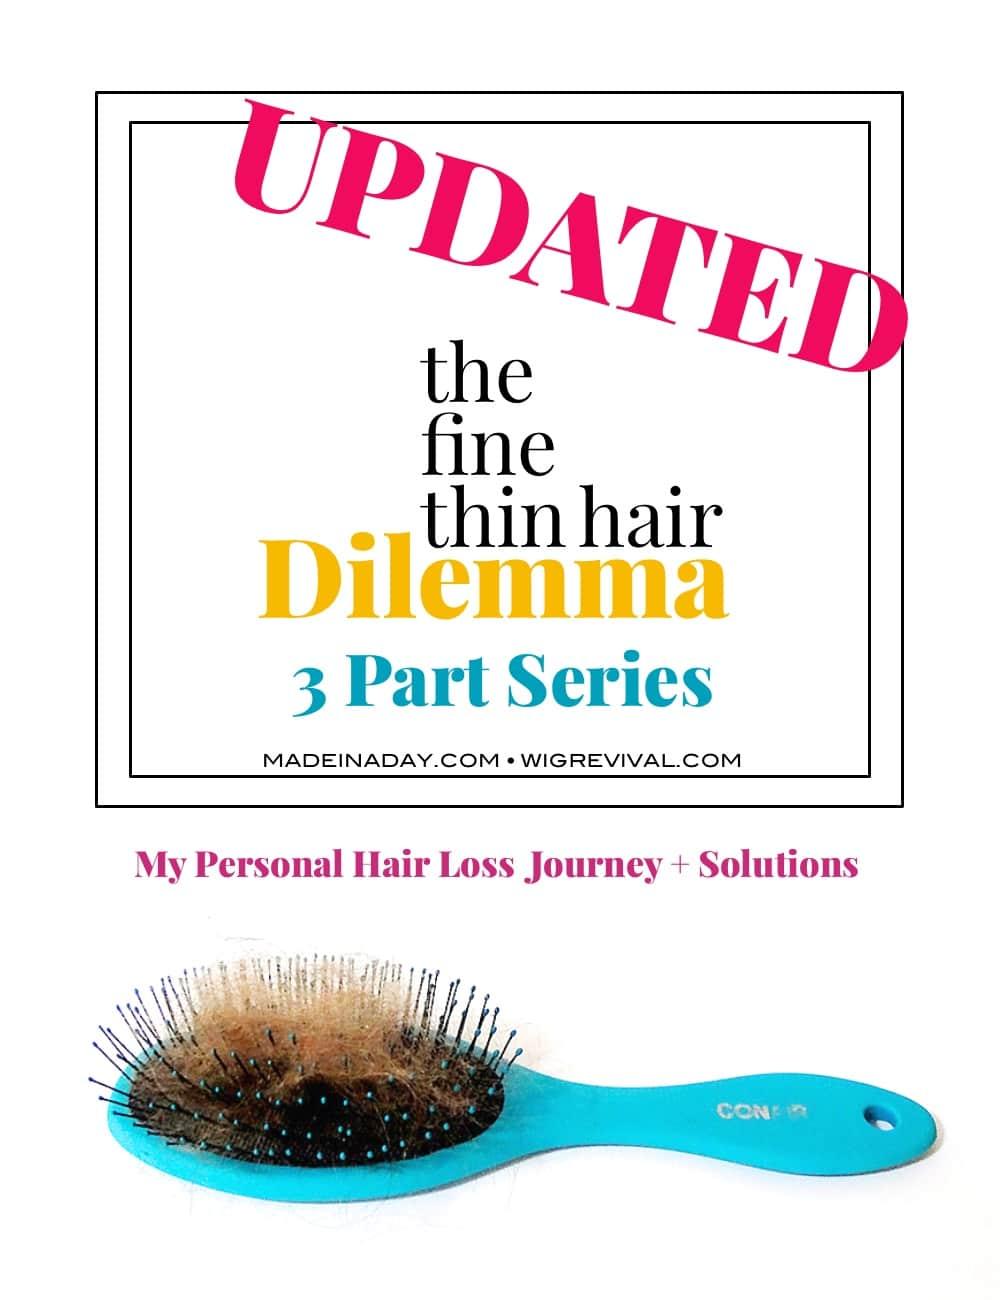 My Fine Thin Hair Dilemma Journey